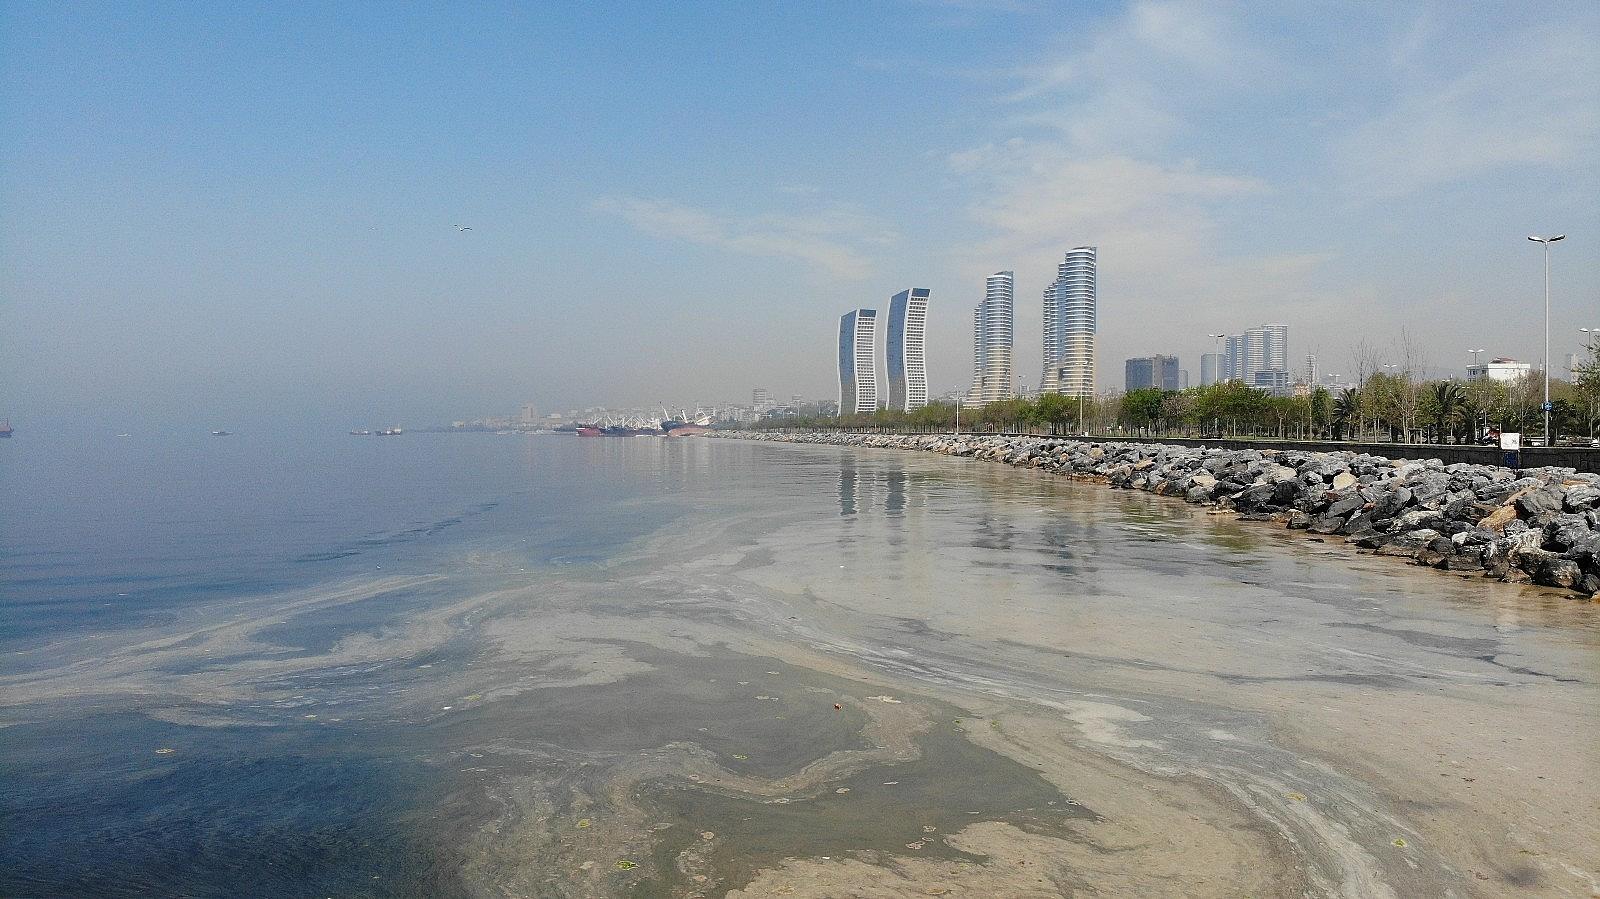 2021/05/deniz-salyasi-istilasi-pendik-sahillerine-kadar-geldi-20210430AW30-4.jpg